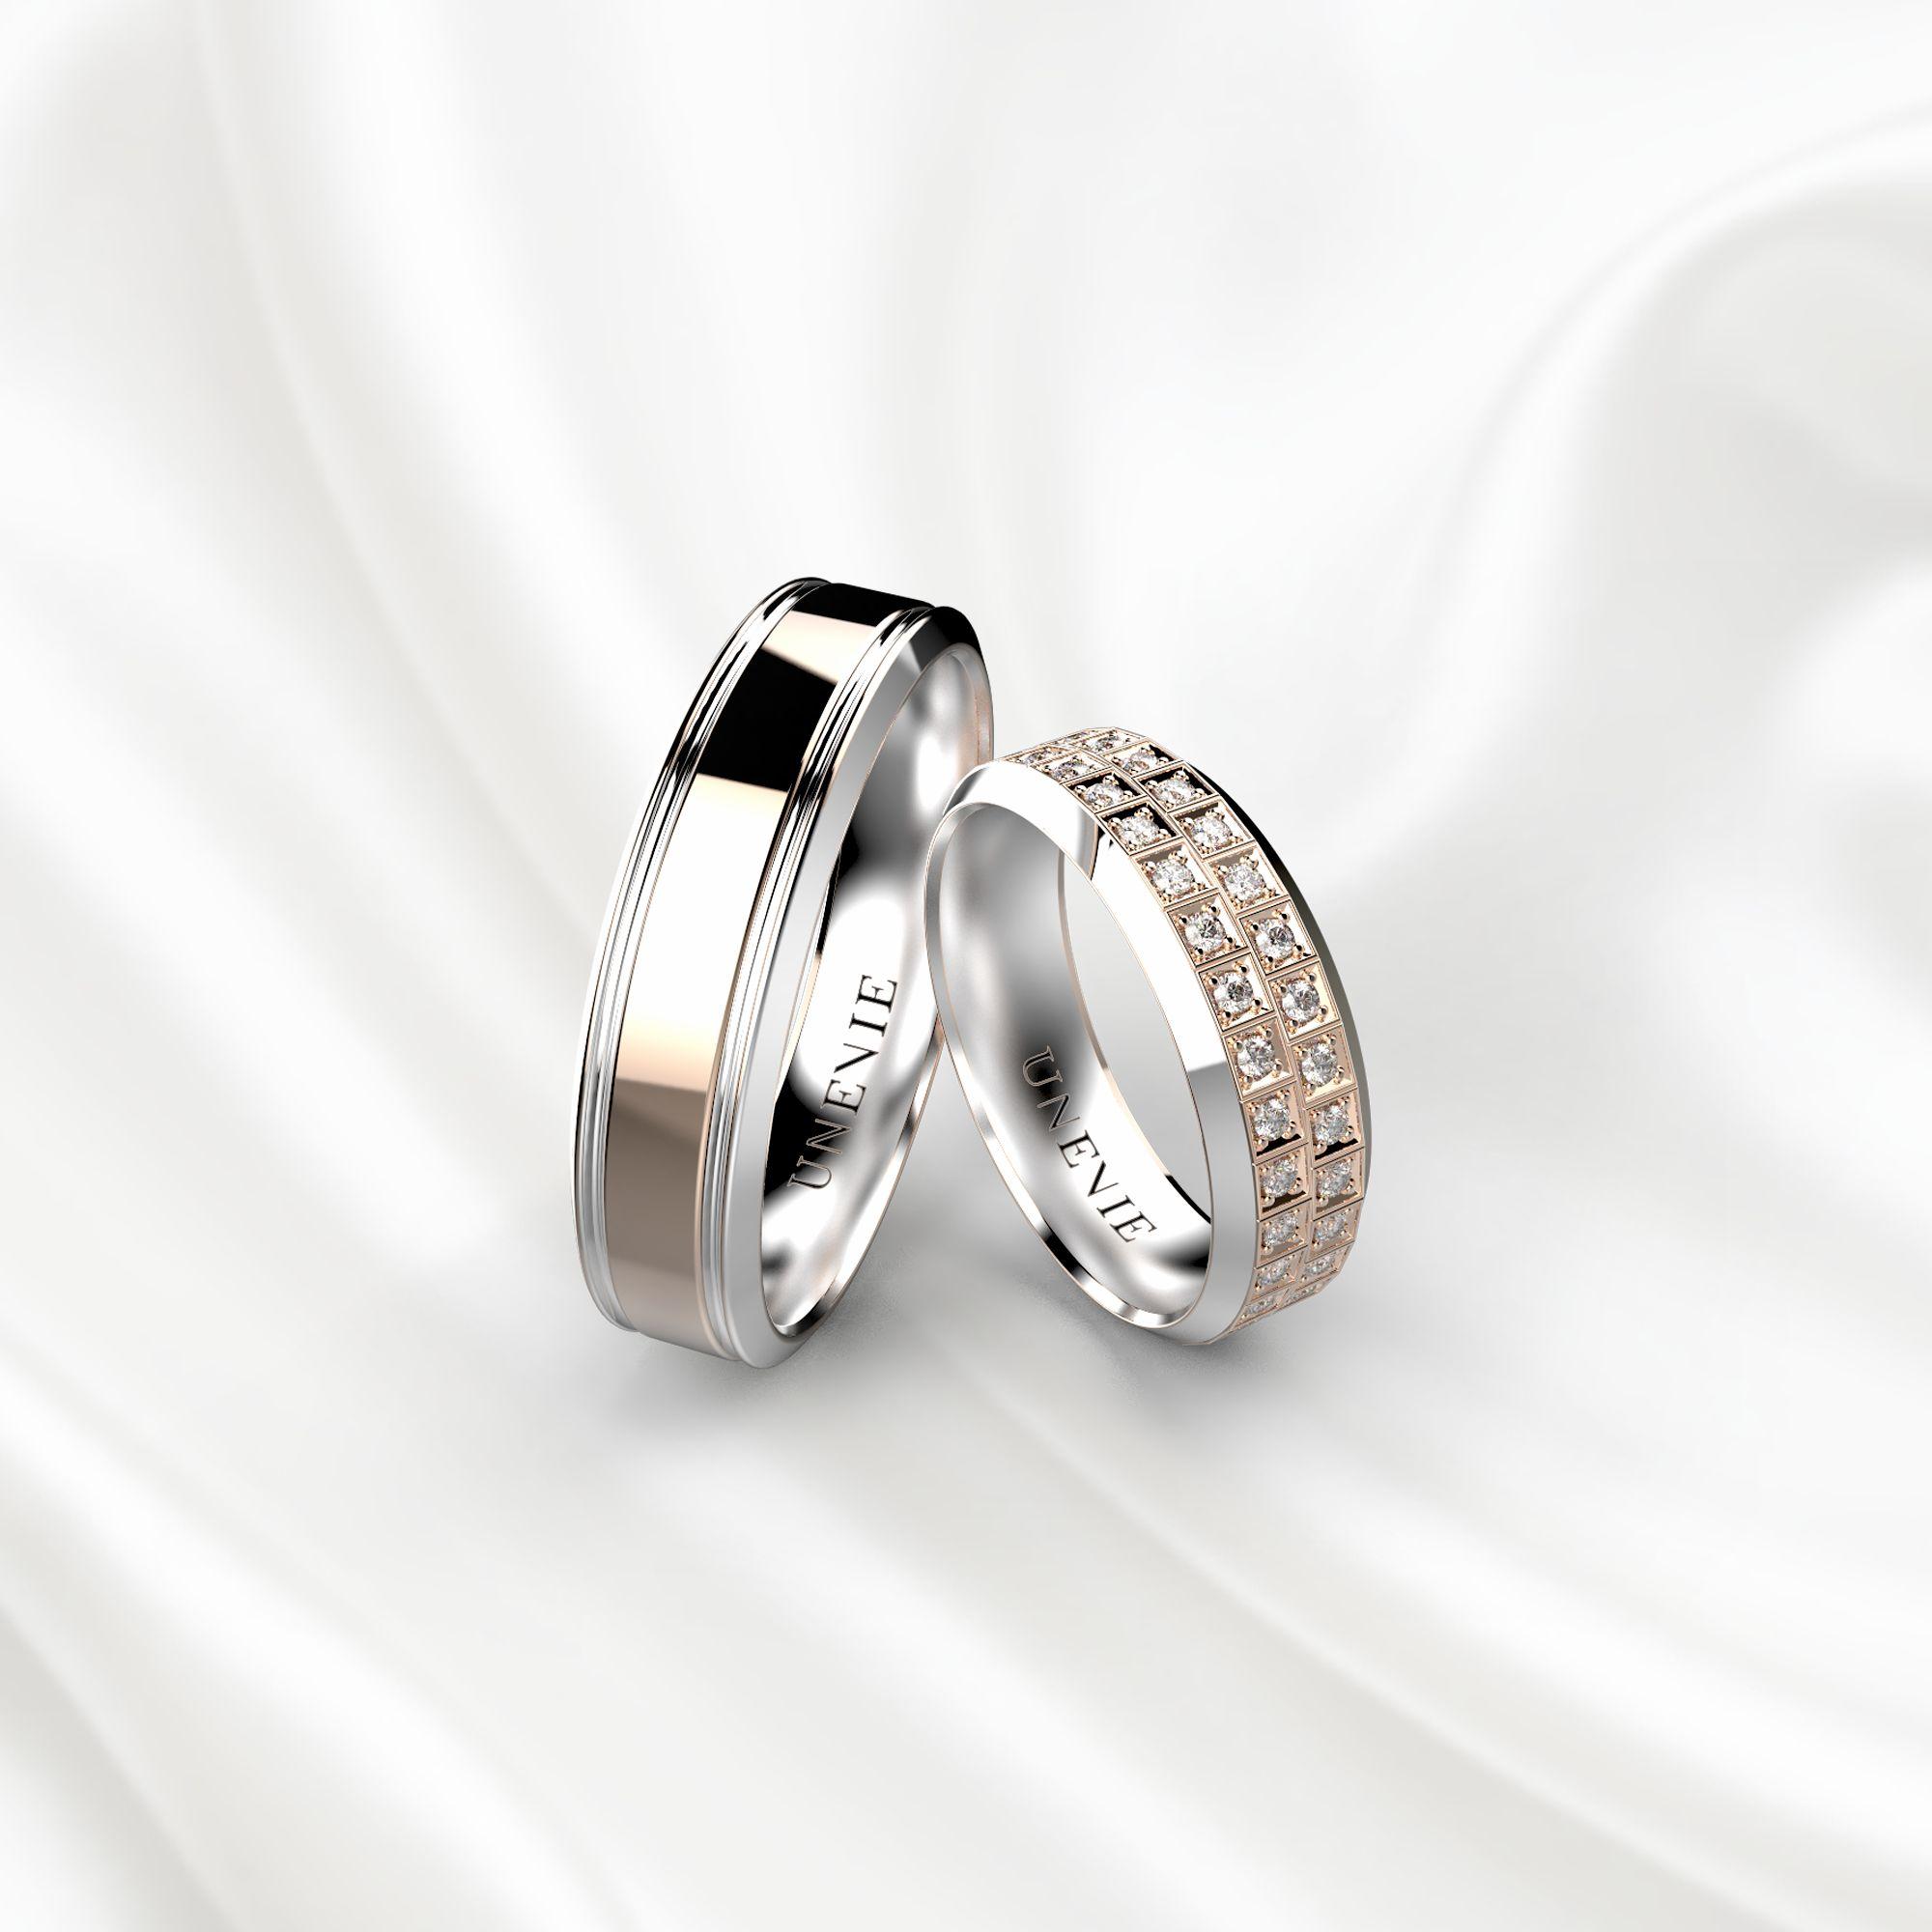 NV21 Обручальные кольца из бело-розового золота